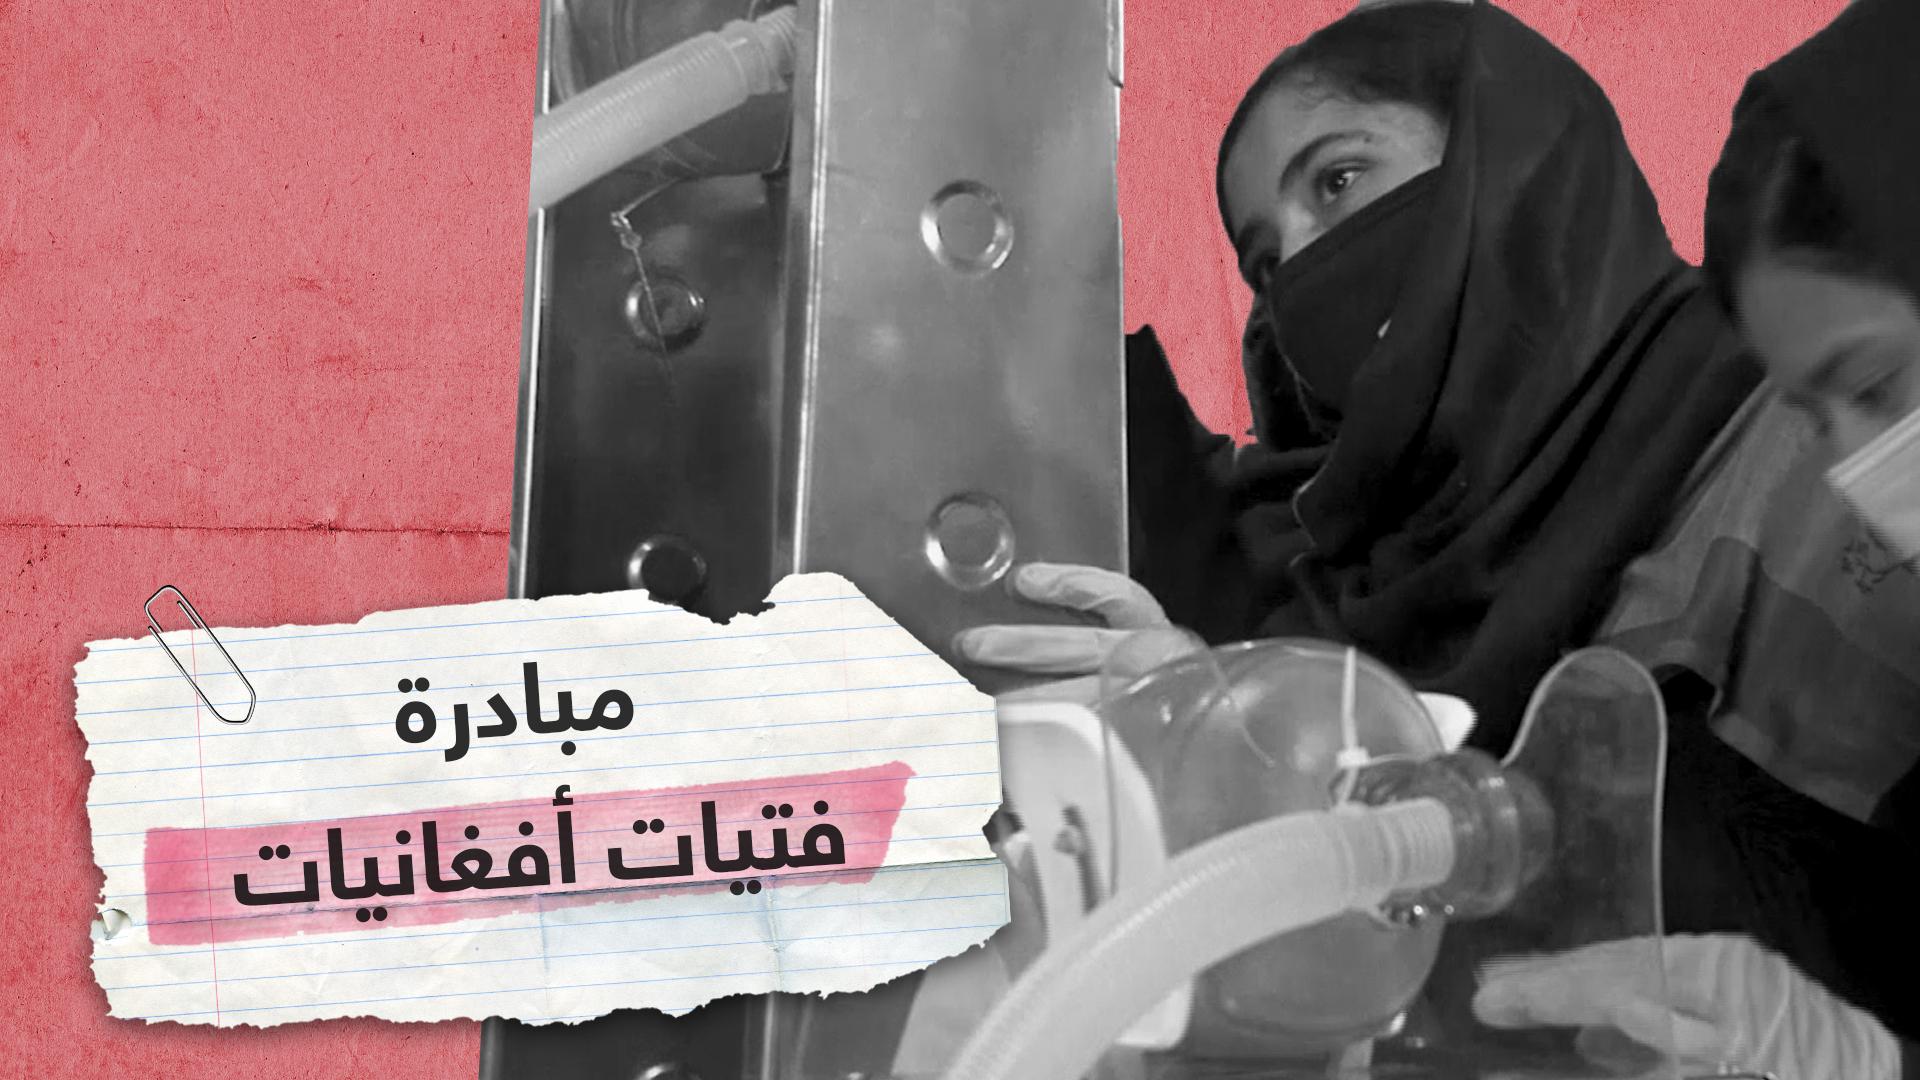 فتيات أفغانيات يواجهن كورونا بأجهزة تنفس من قطع غيار السيارات